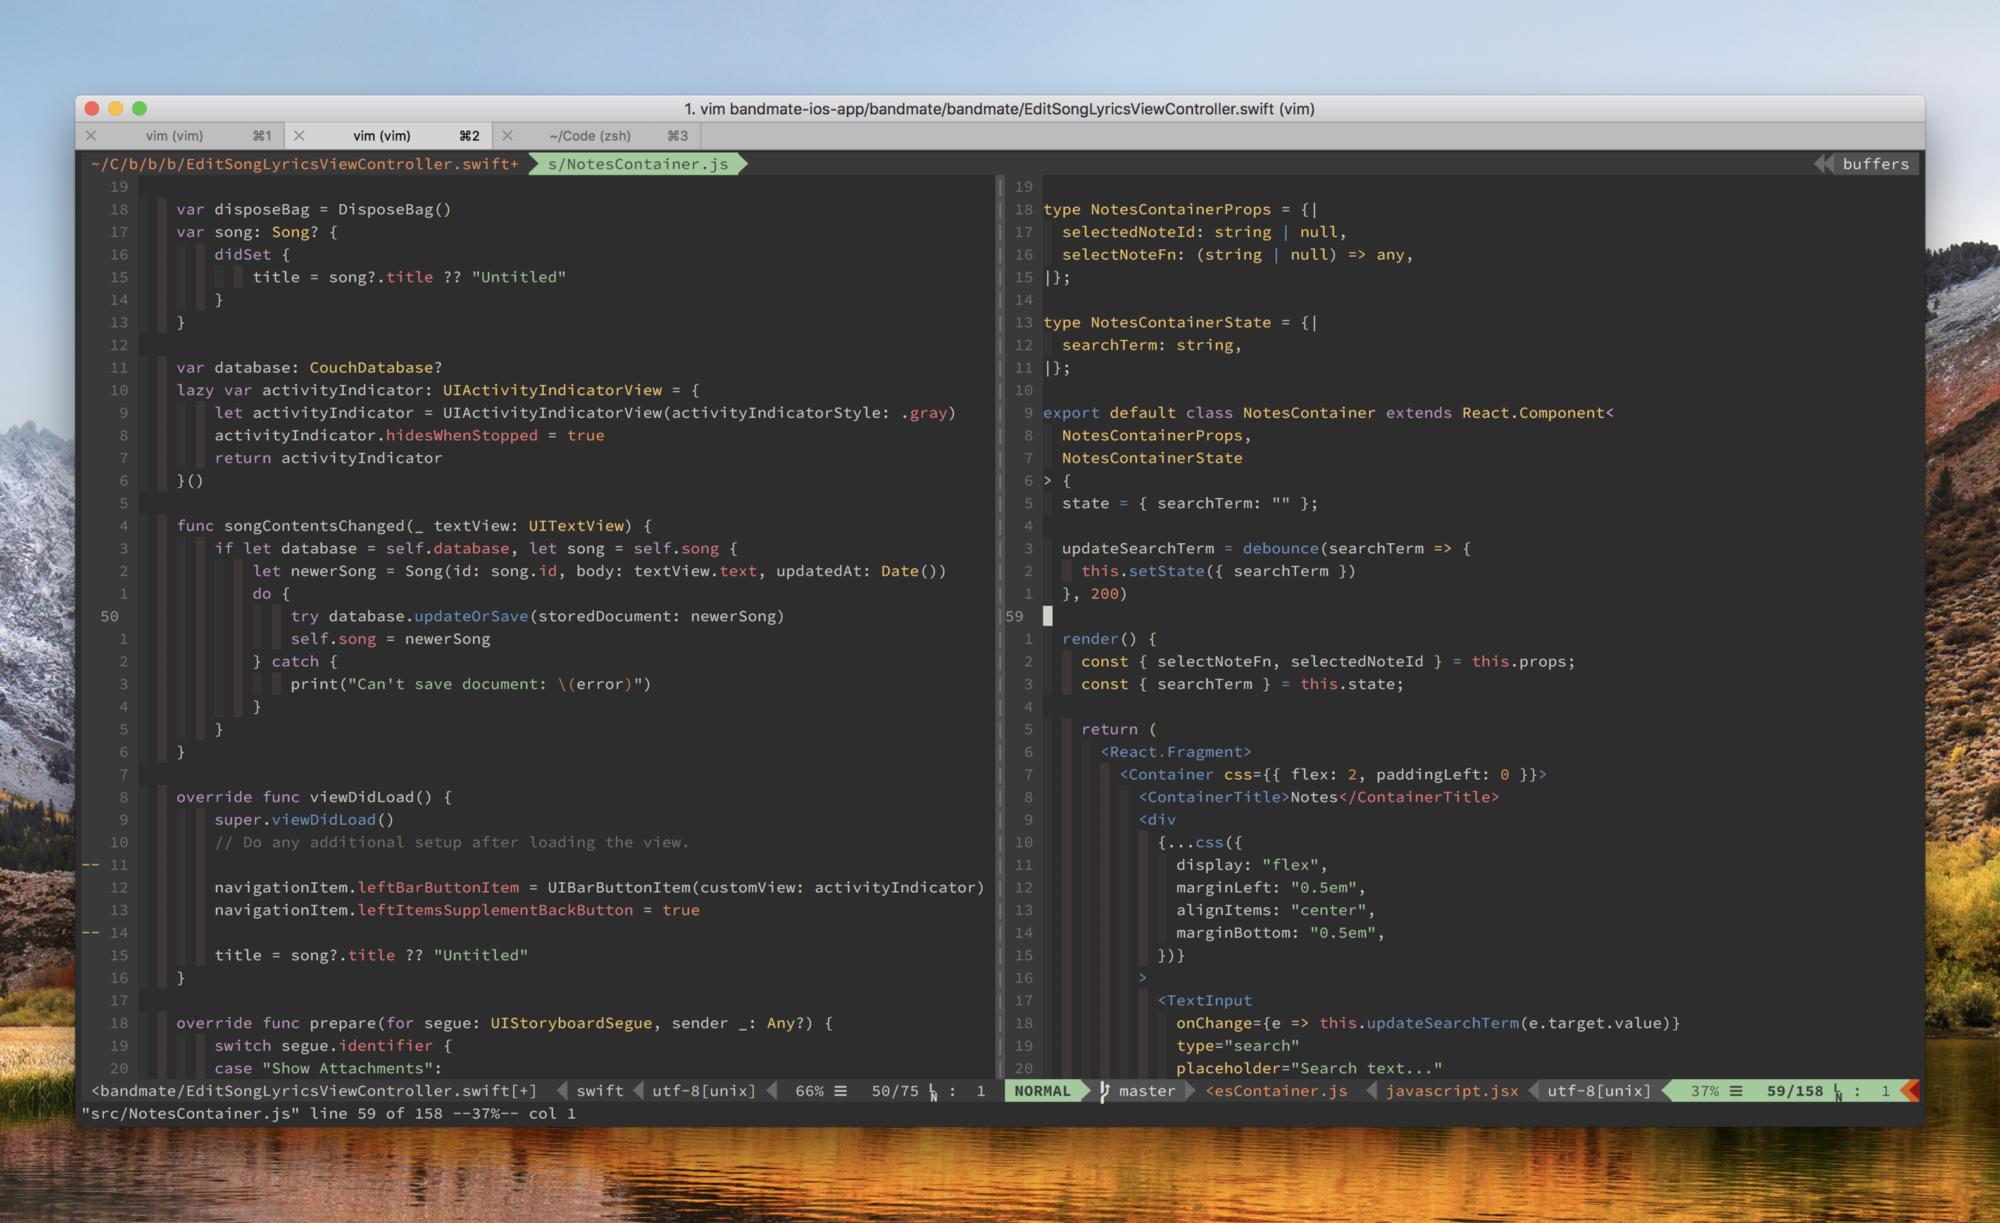 Идеала нет: как я искал язык программирования для себя